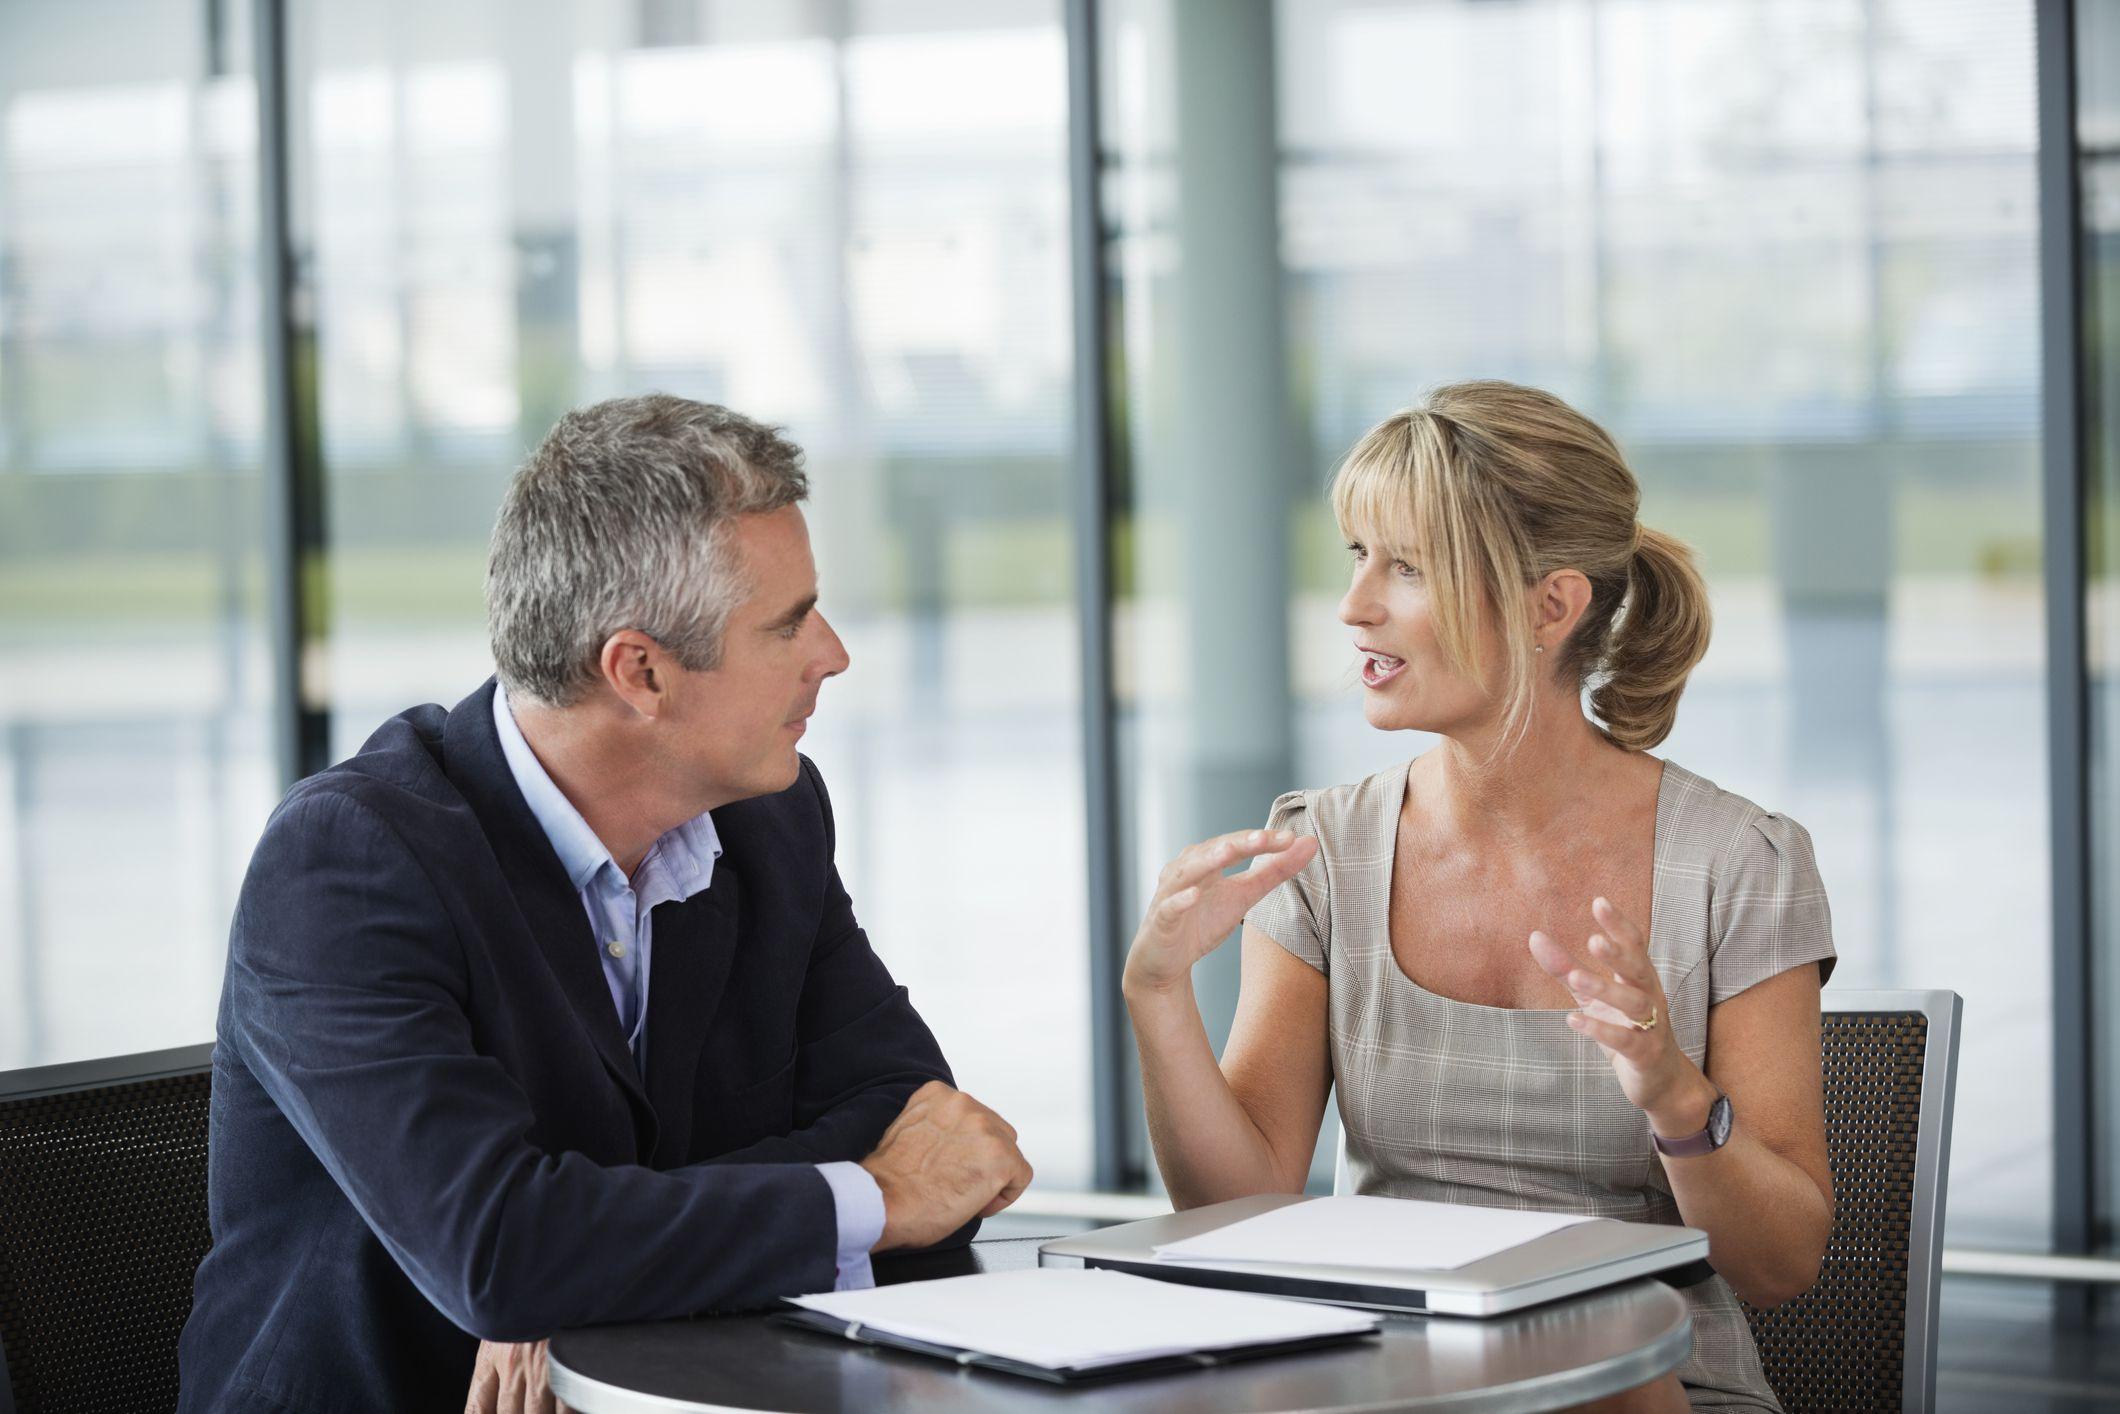 Разговор двух человек картинка